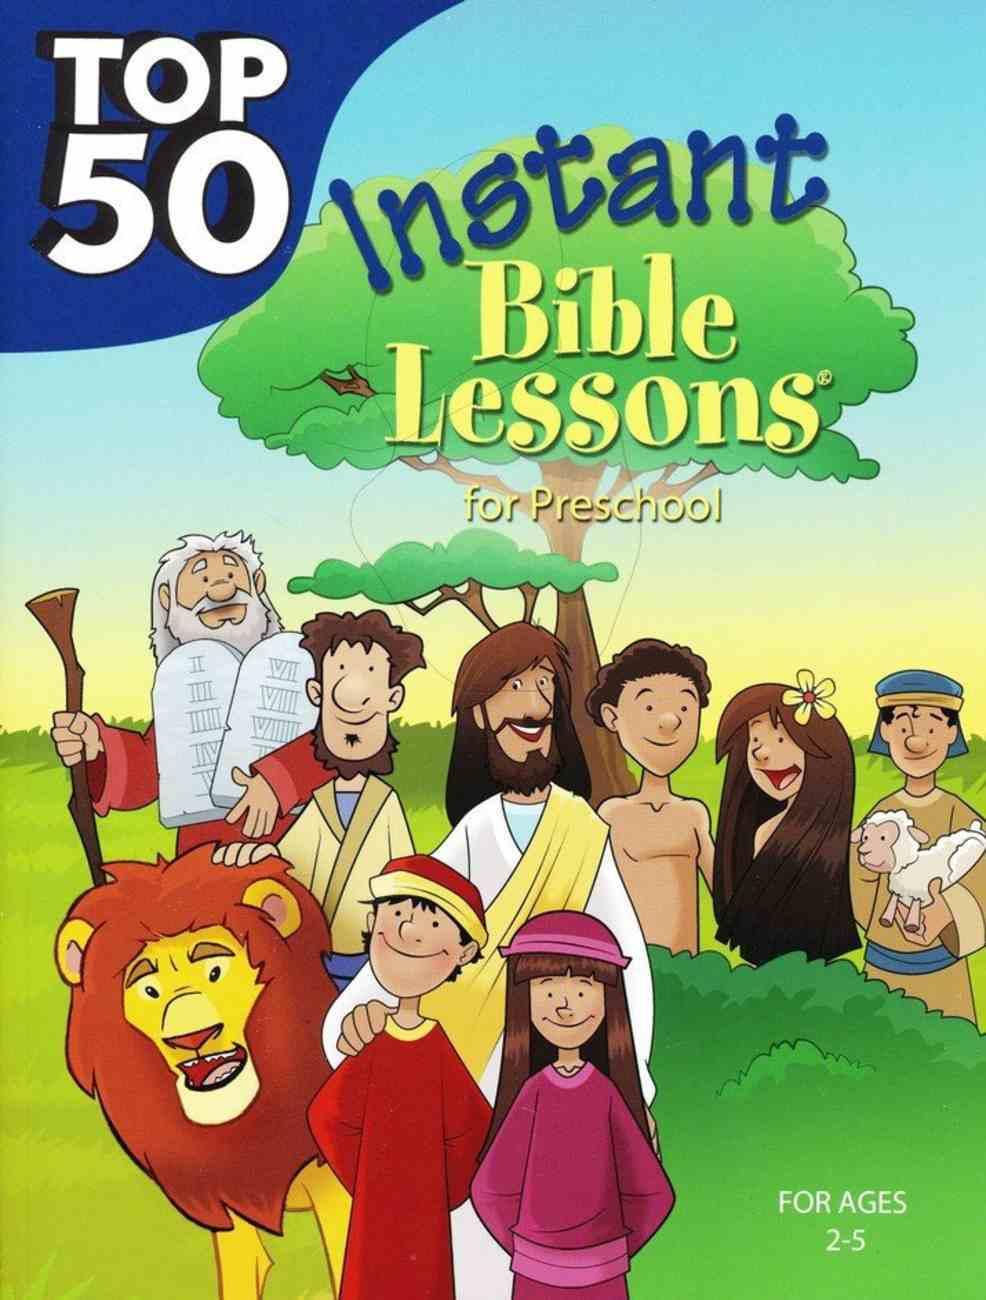 Top 50 Instant Bible Lessons For Preschoolers (Rosekidz Top 50 Series) Paperback